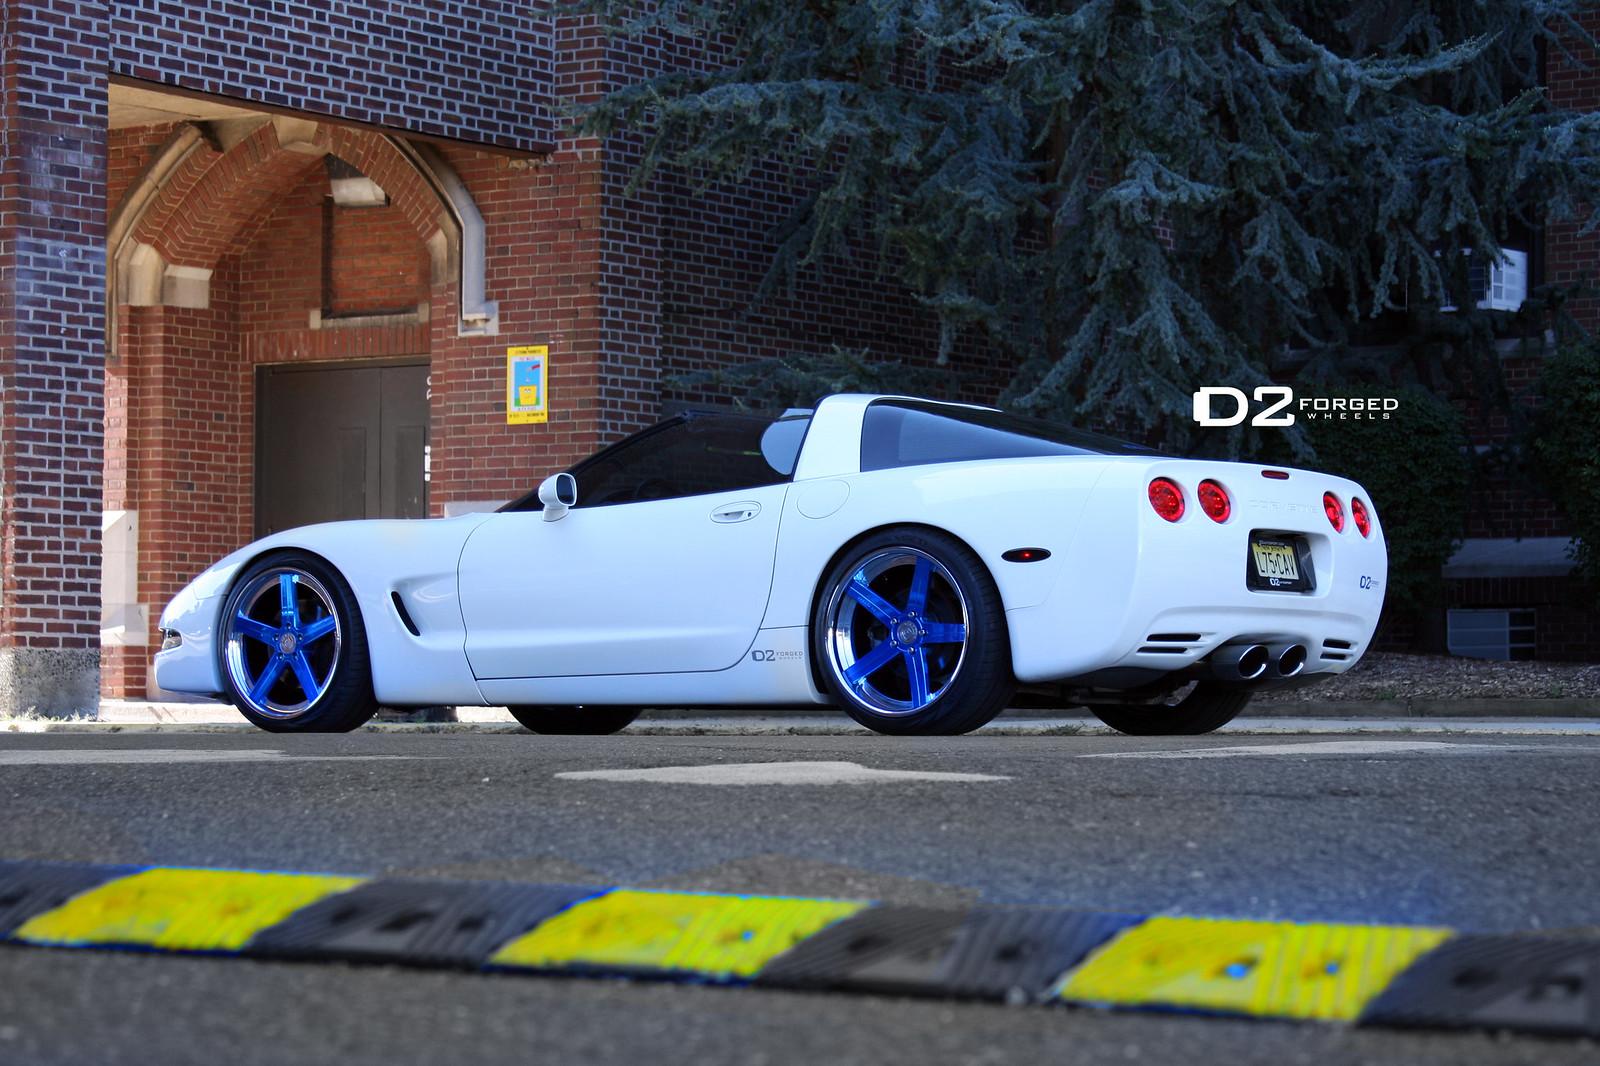 Candy Blue Corvette C5 D2forged Cv2 S